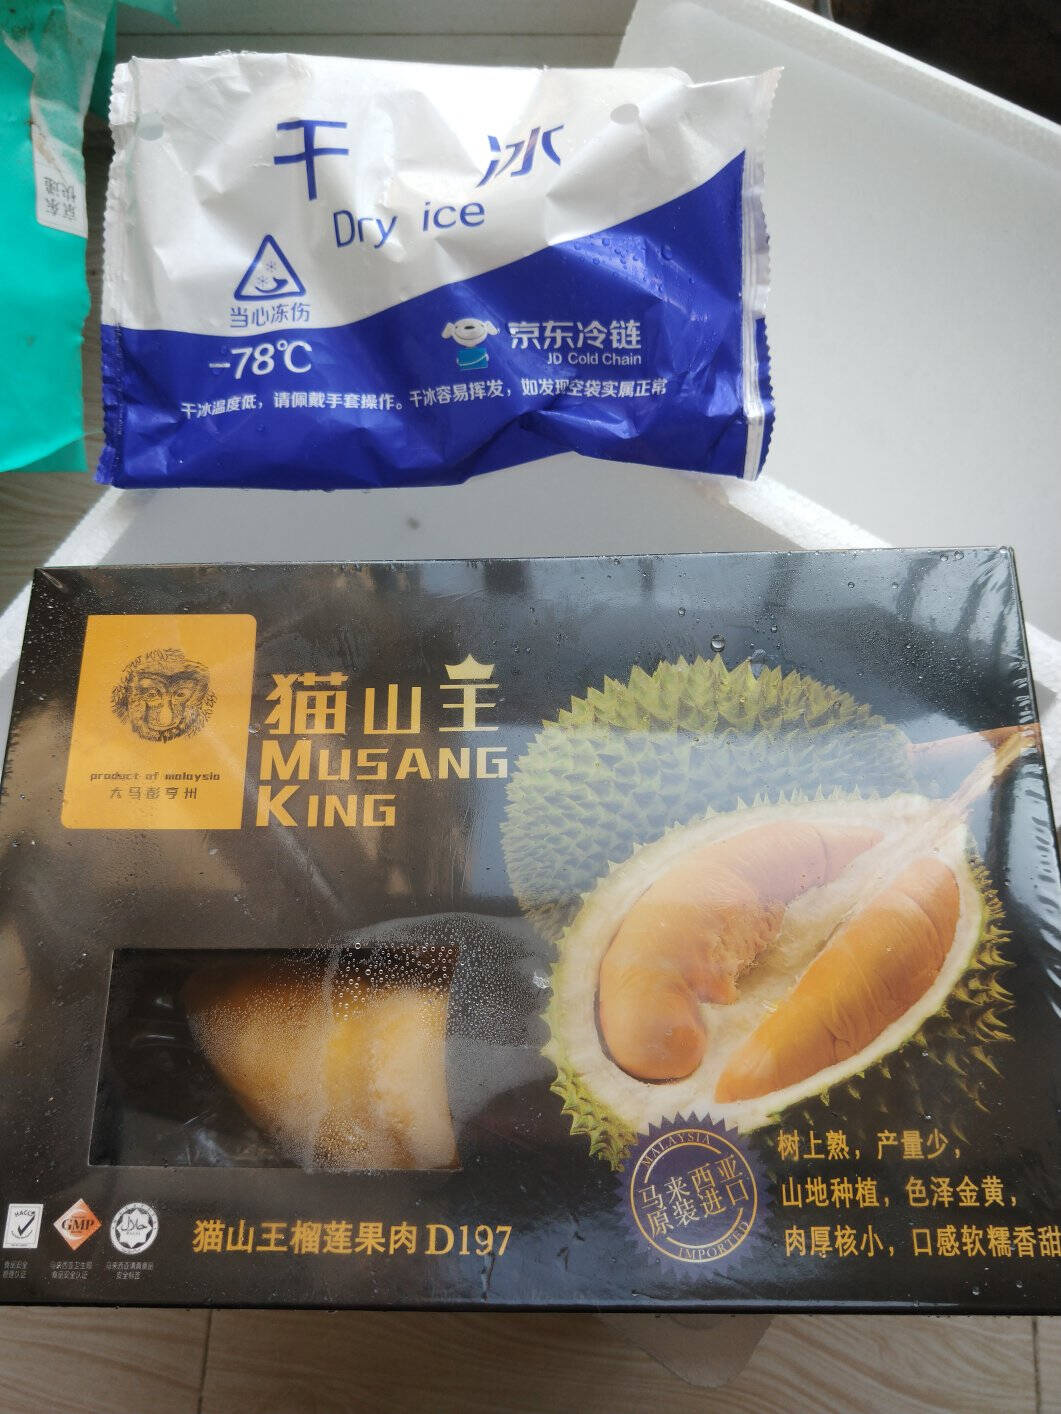 马来西亚进口猫山王榴莲果肉(冷冻带核果肉)400g